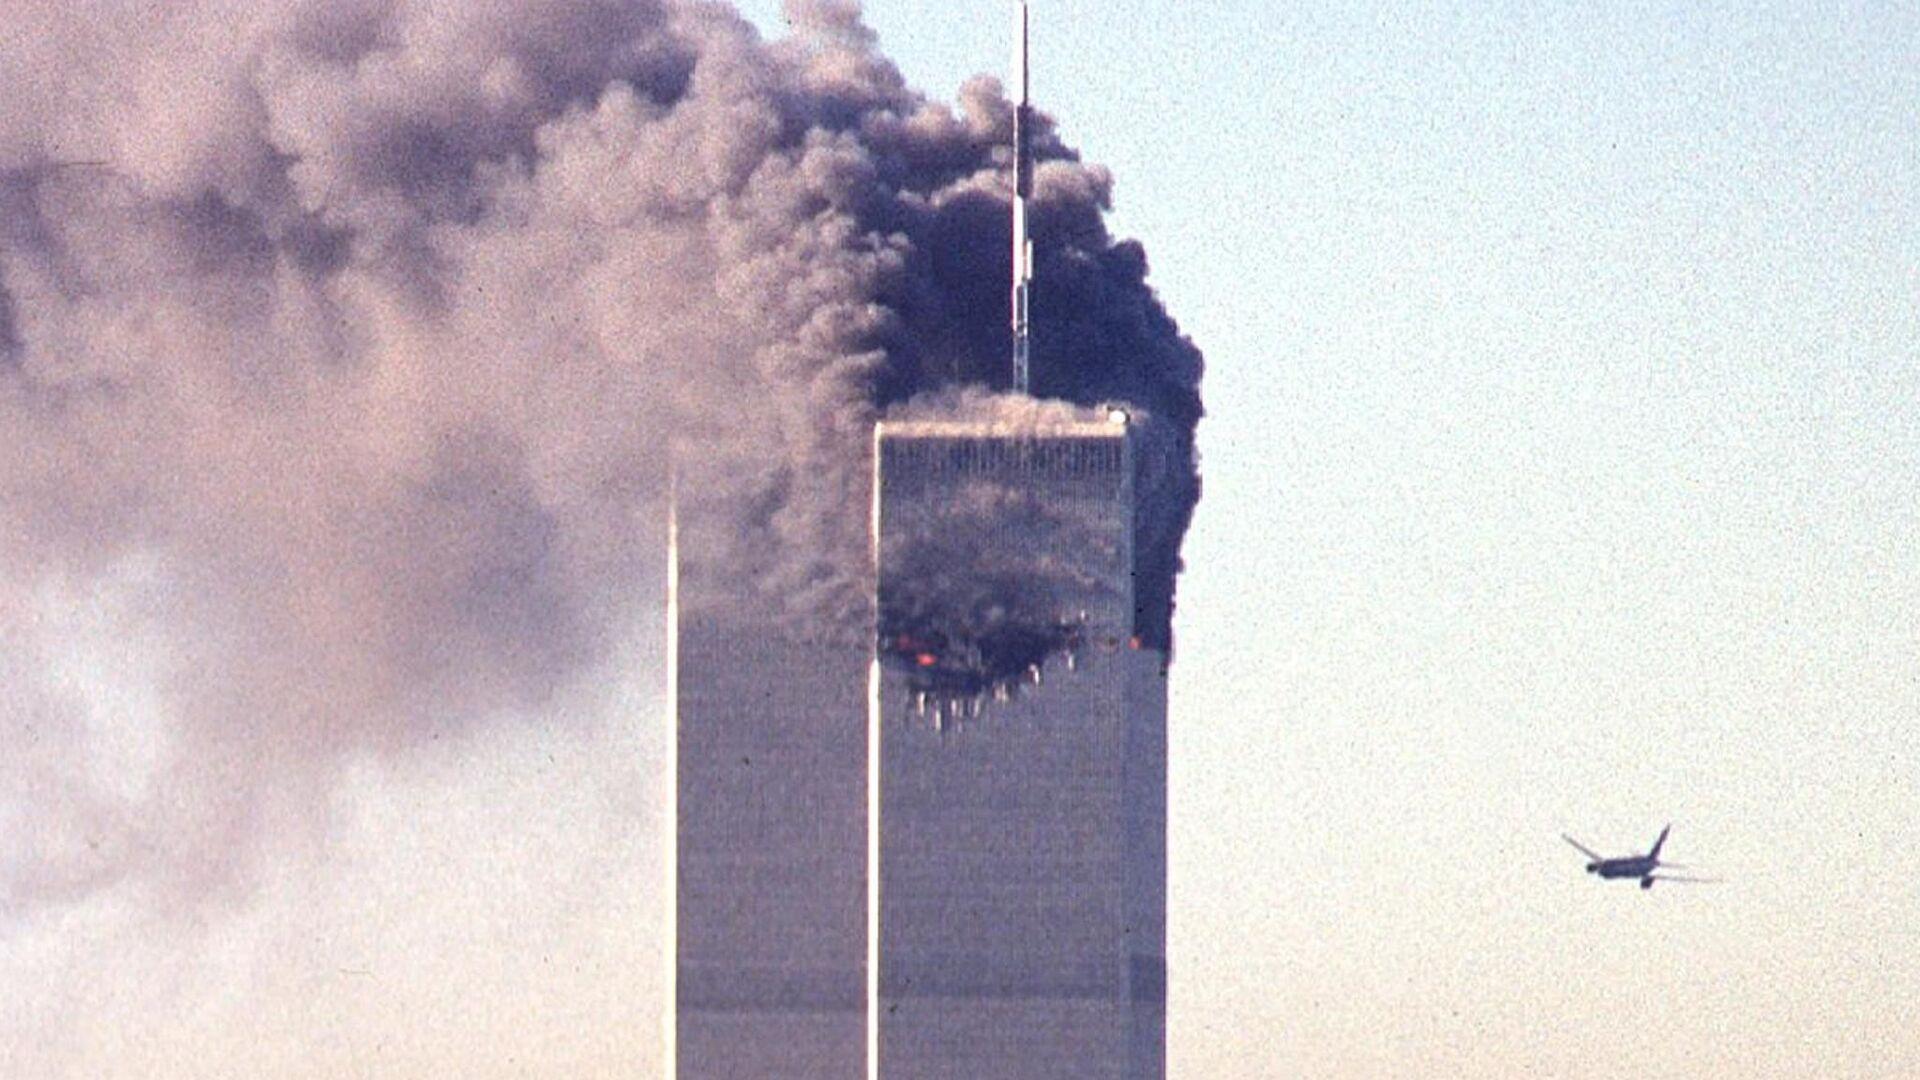 Atentado terrorista del 11 de septiembre de 2001 en Nueva York - Sputnik Mundo, 1920, 12.09.2021